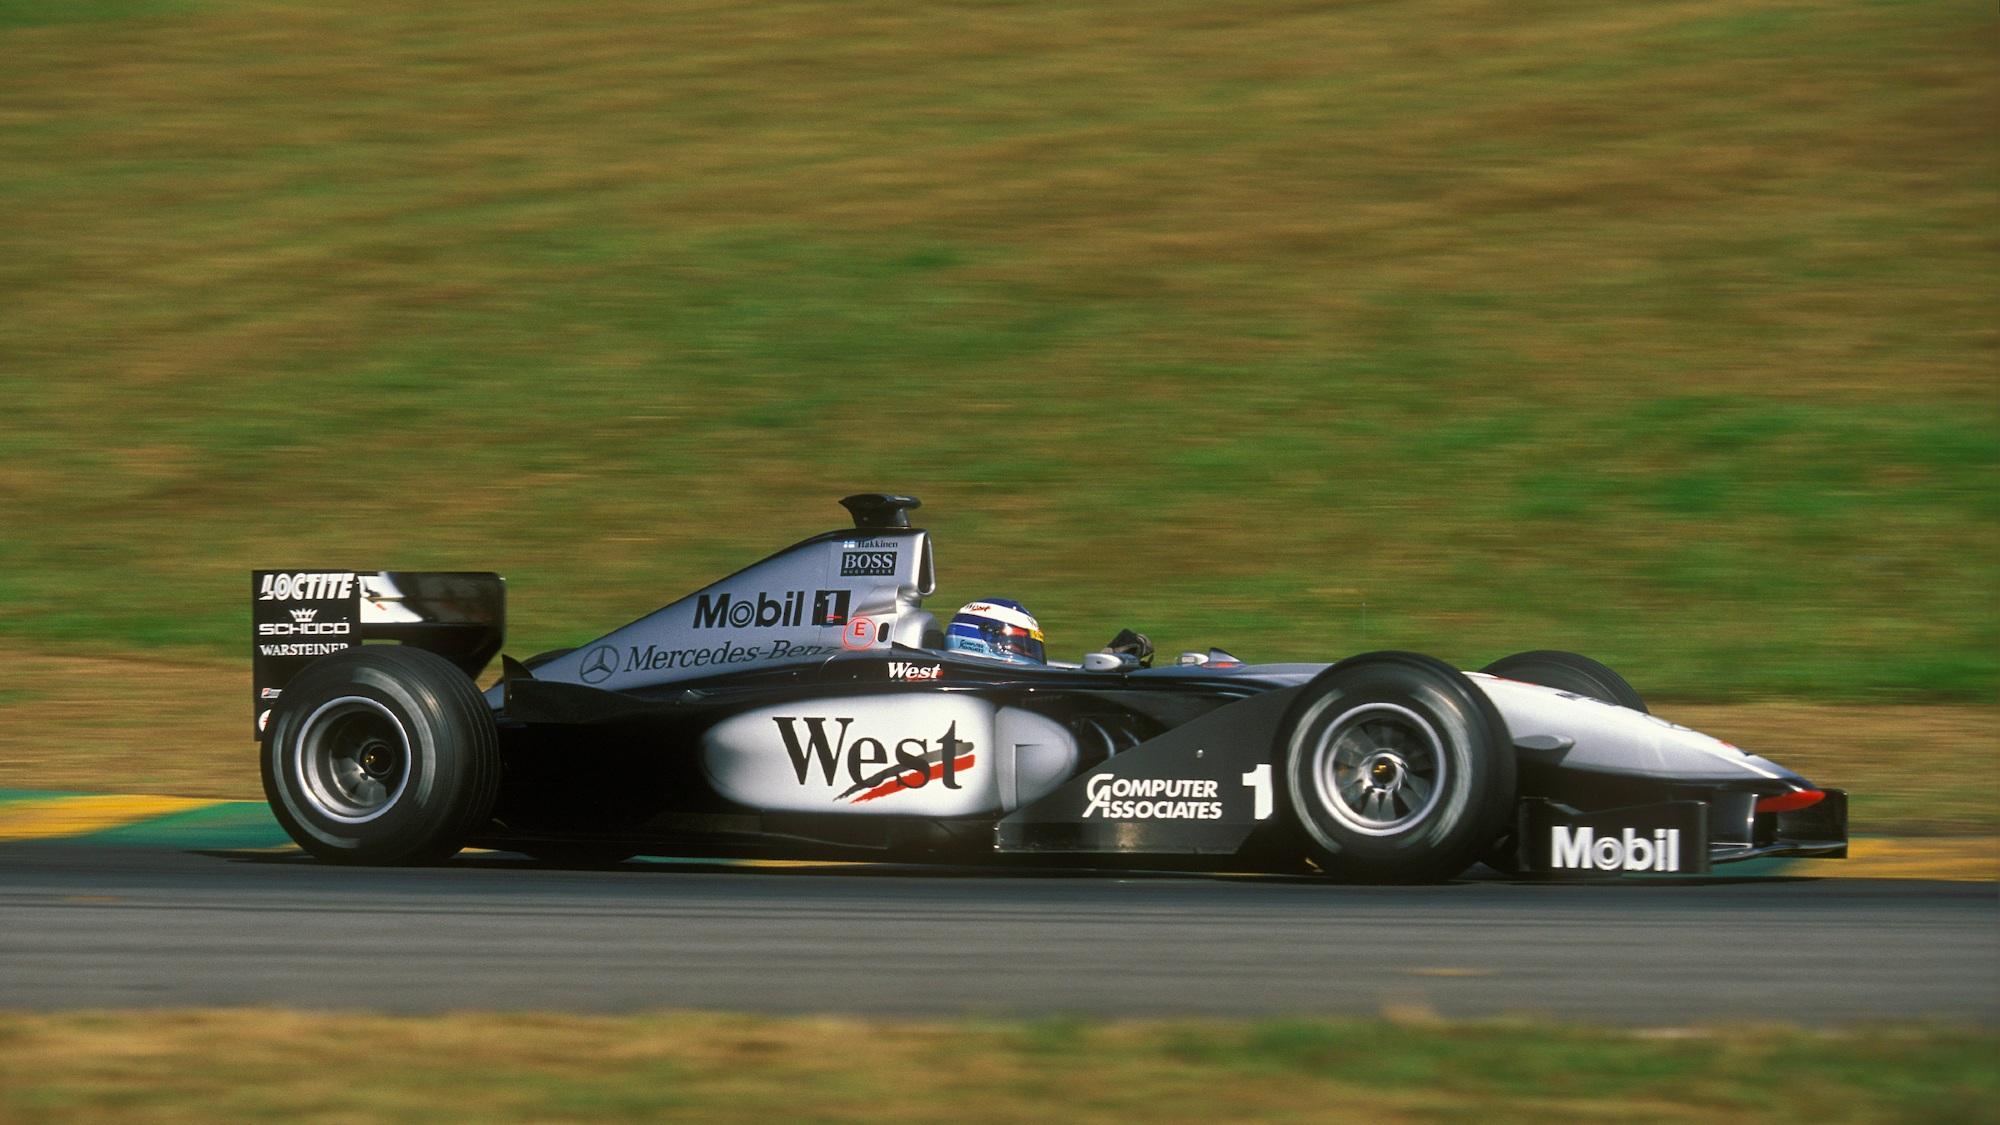 Mika Hakkinen, 1999 McLaren